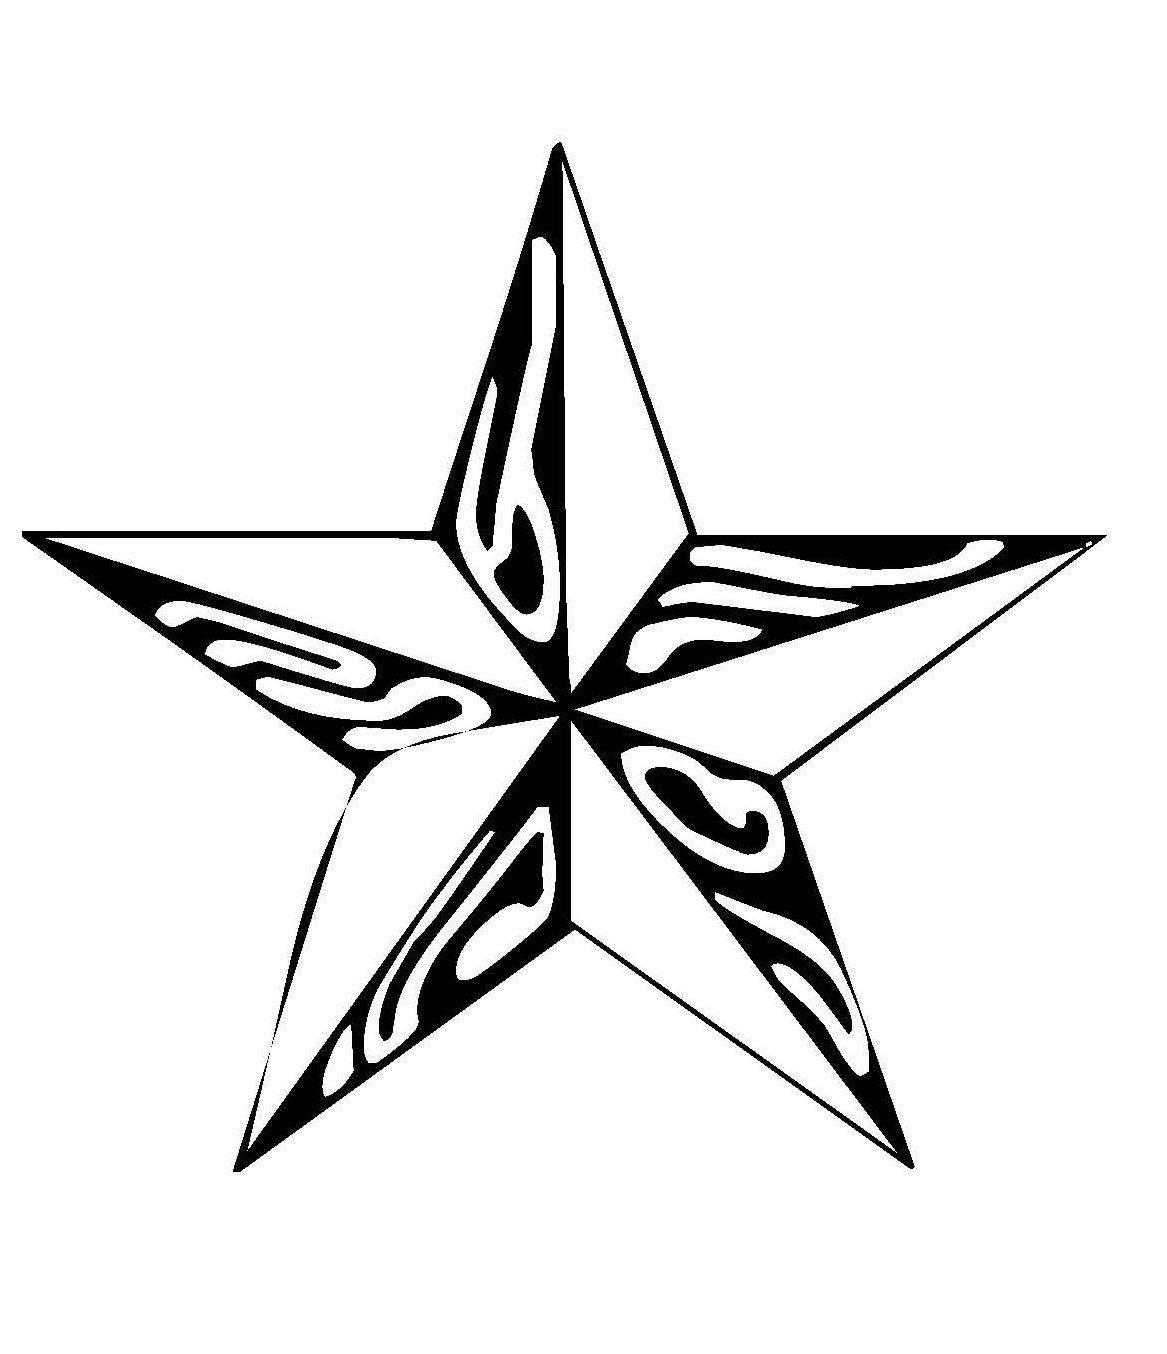 die 20 besten ideen für stern ausmalbilder  beste